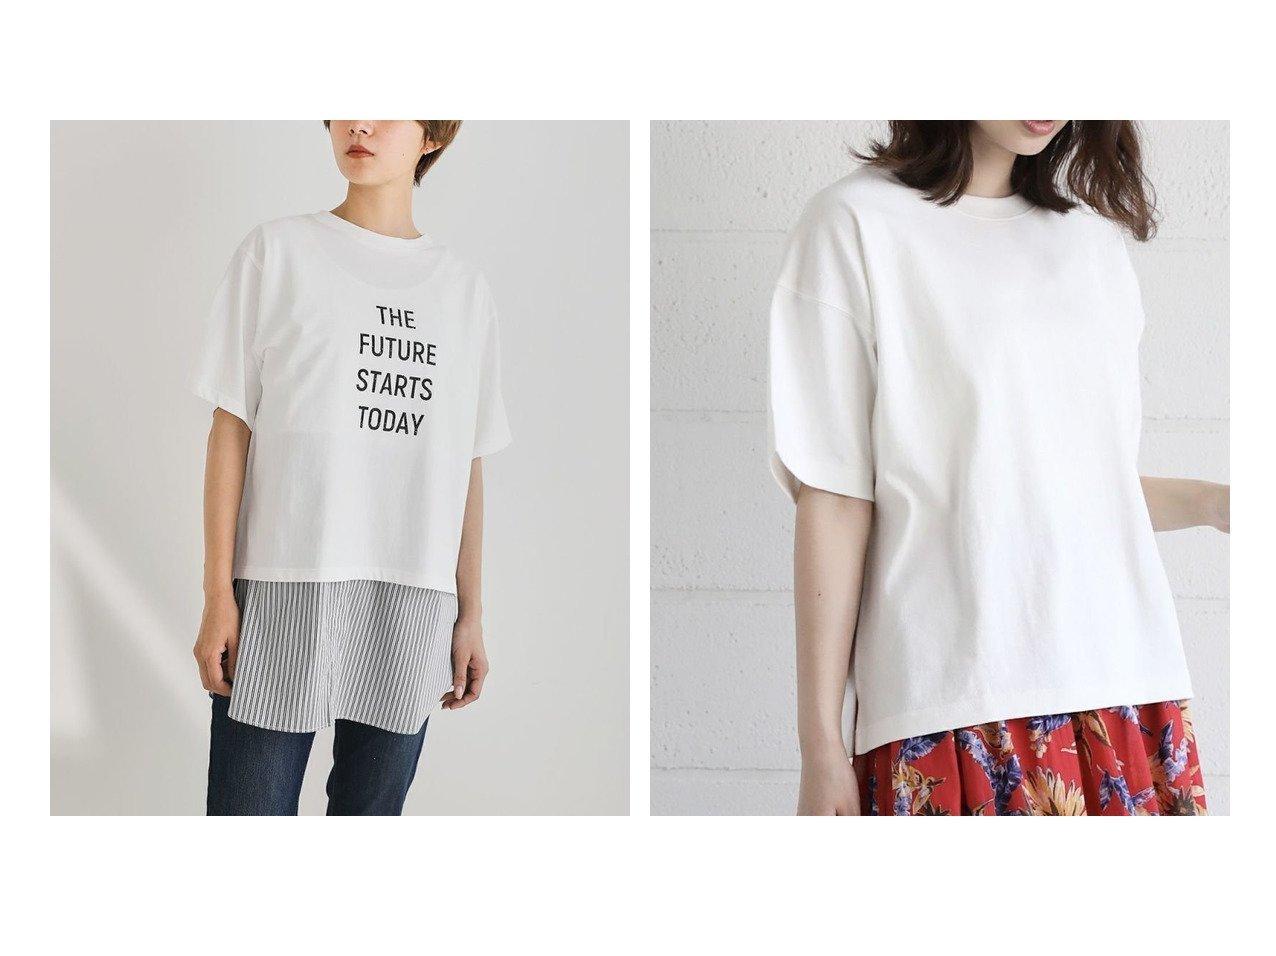 【Bou Jeloud/ブージュルード】のカットソーヘビーウエイトオーバーサイズTシャツ&シャツレイヤードインナー おすすめ!人気、トレンド・レディースファッションの通販  おすすめで人気の流行・トレンド、ファッションの通販商品 インテリア・家具・メンズファッション・キッズファッション・レディースファッション・服の通販 founy(ファニー) https://founy.com/ ファッション Fashion レディースファッション WOMEN トップス・カットソー Tops/Tshirt シャツ/ブラウス Shirts/Blouses ロング / Tシャツ T-Shirts カットソー Cut and Sewn インナー カットソー プチプライス・低価格 Affordable 羽織 シンプル ストレート スラックス センター デニム トレンド 洗える |ID:crp329100000054989